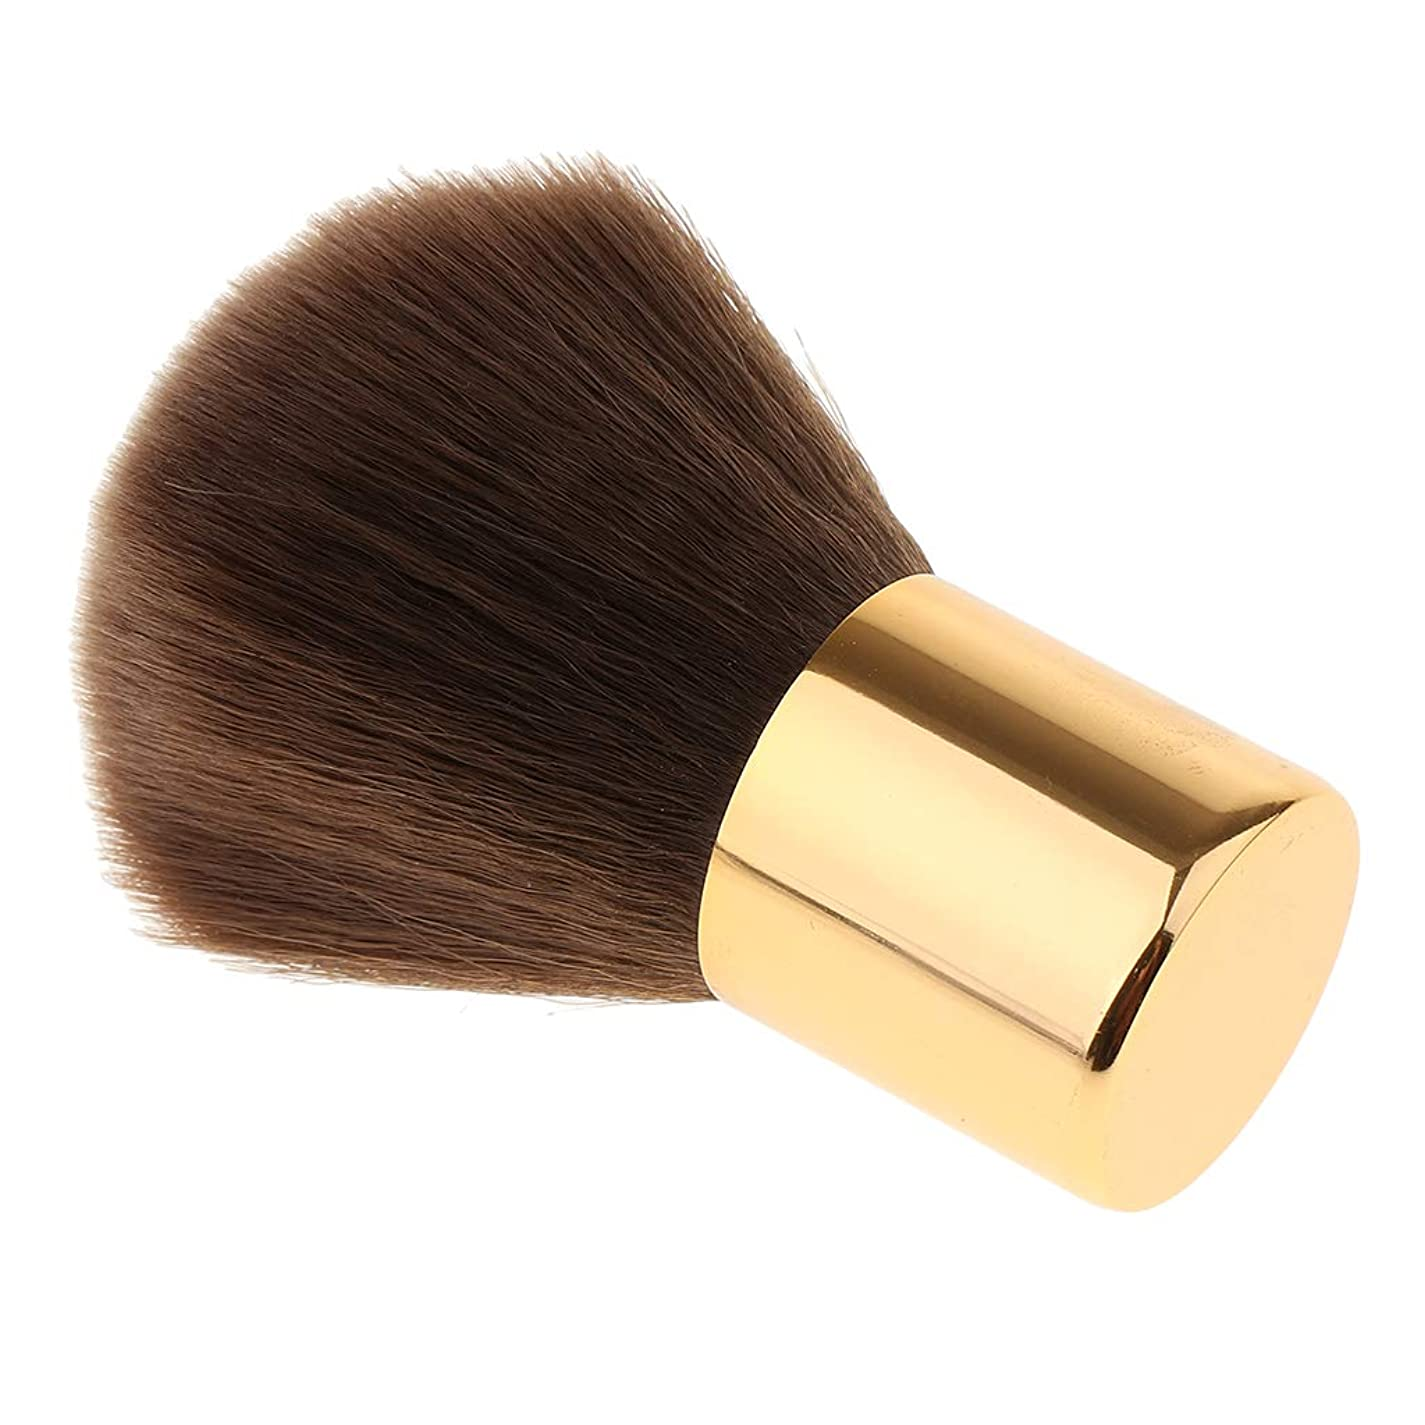 やめるマウス香りSM SunniMix ネイルブラシ ネイルダストブラシ ネイルデザイン用 全2色 - ゴールド